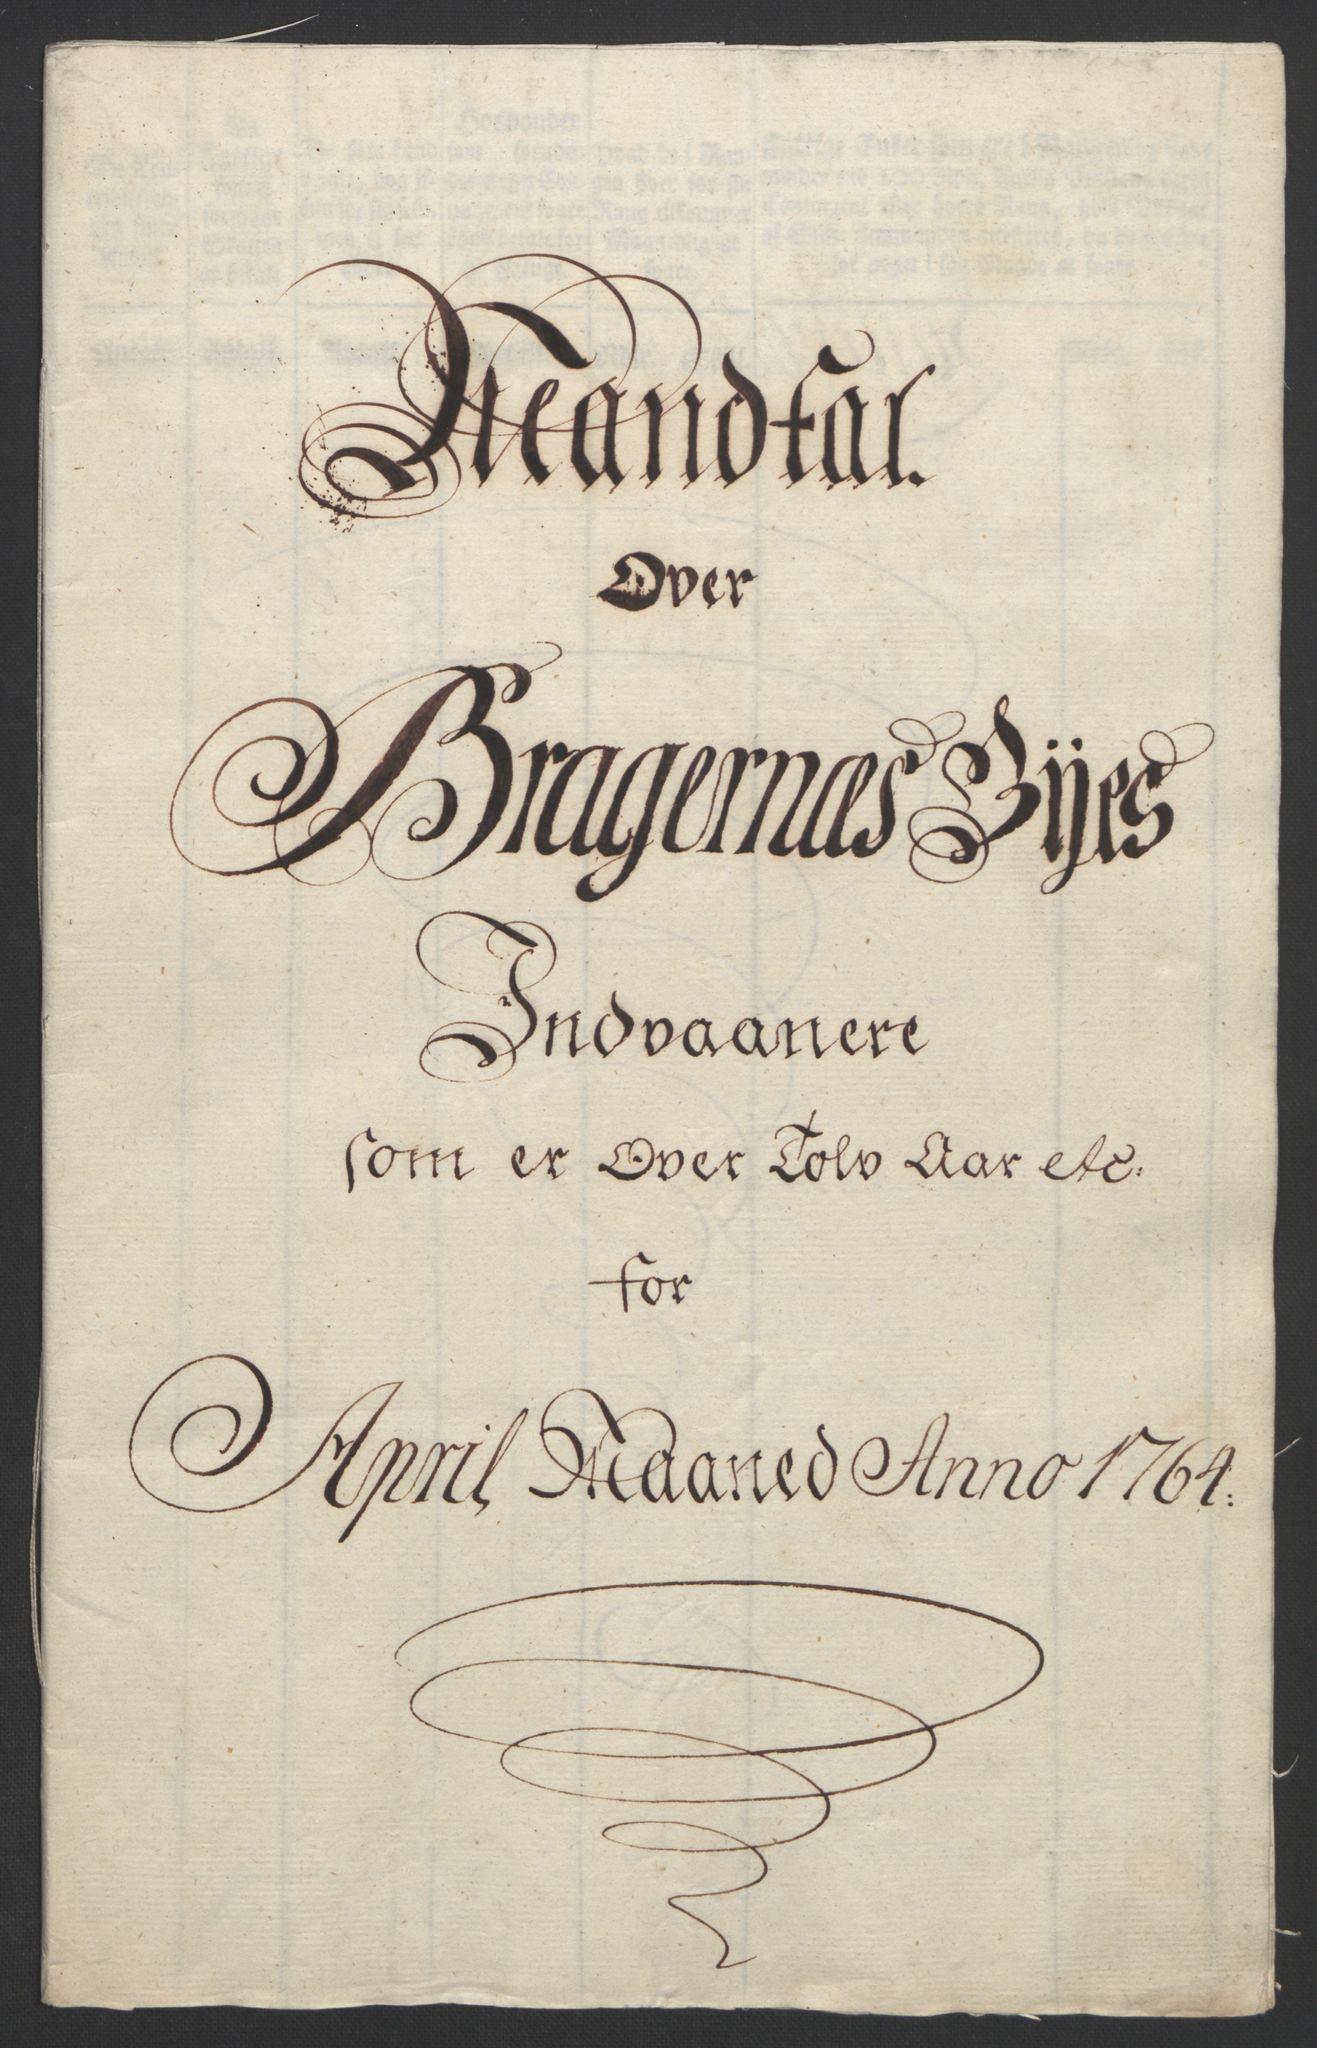 RA, Rentekammeret inntil 1814, Reviderte regnskaper, Byregnskaper, R/Rf/L0119: [F2] Kontribusjonsregnskap, 1762-1767, s. 159